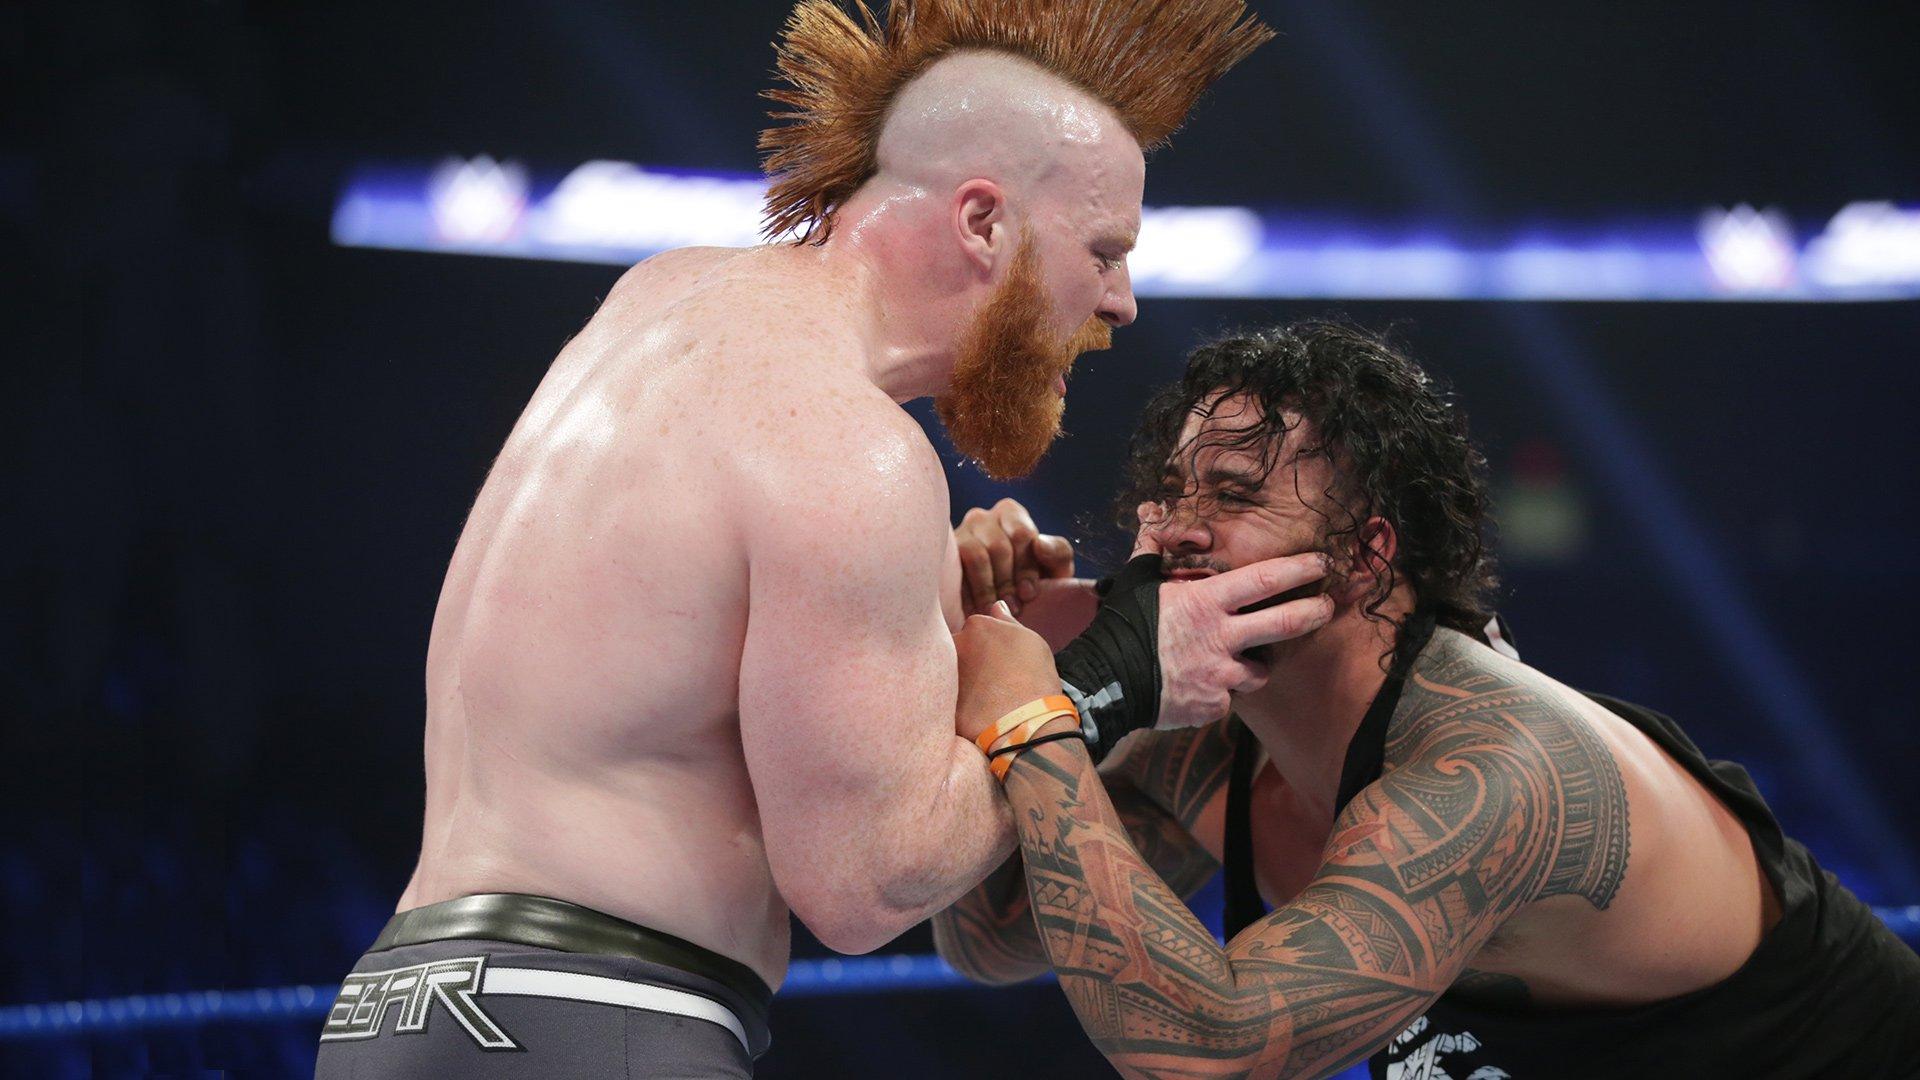 Les Meilleurs Moments de SmackDown LIVE: 8 Janvier 2019